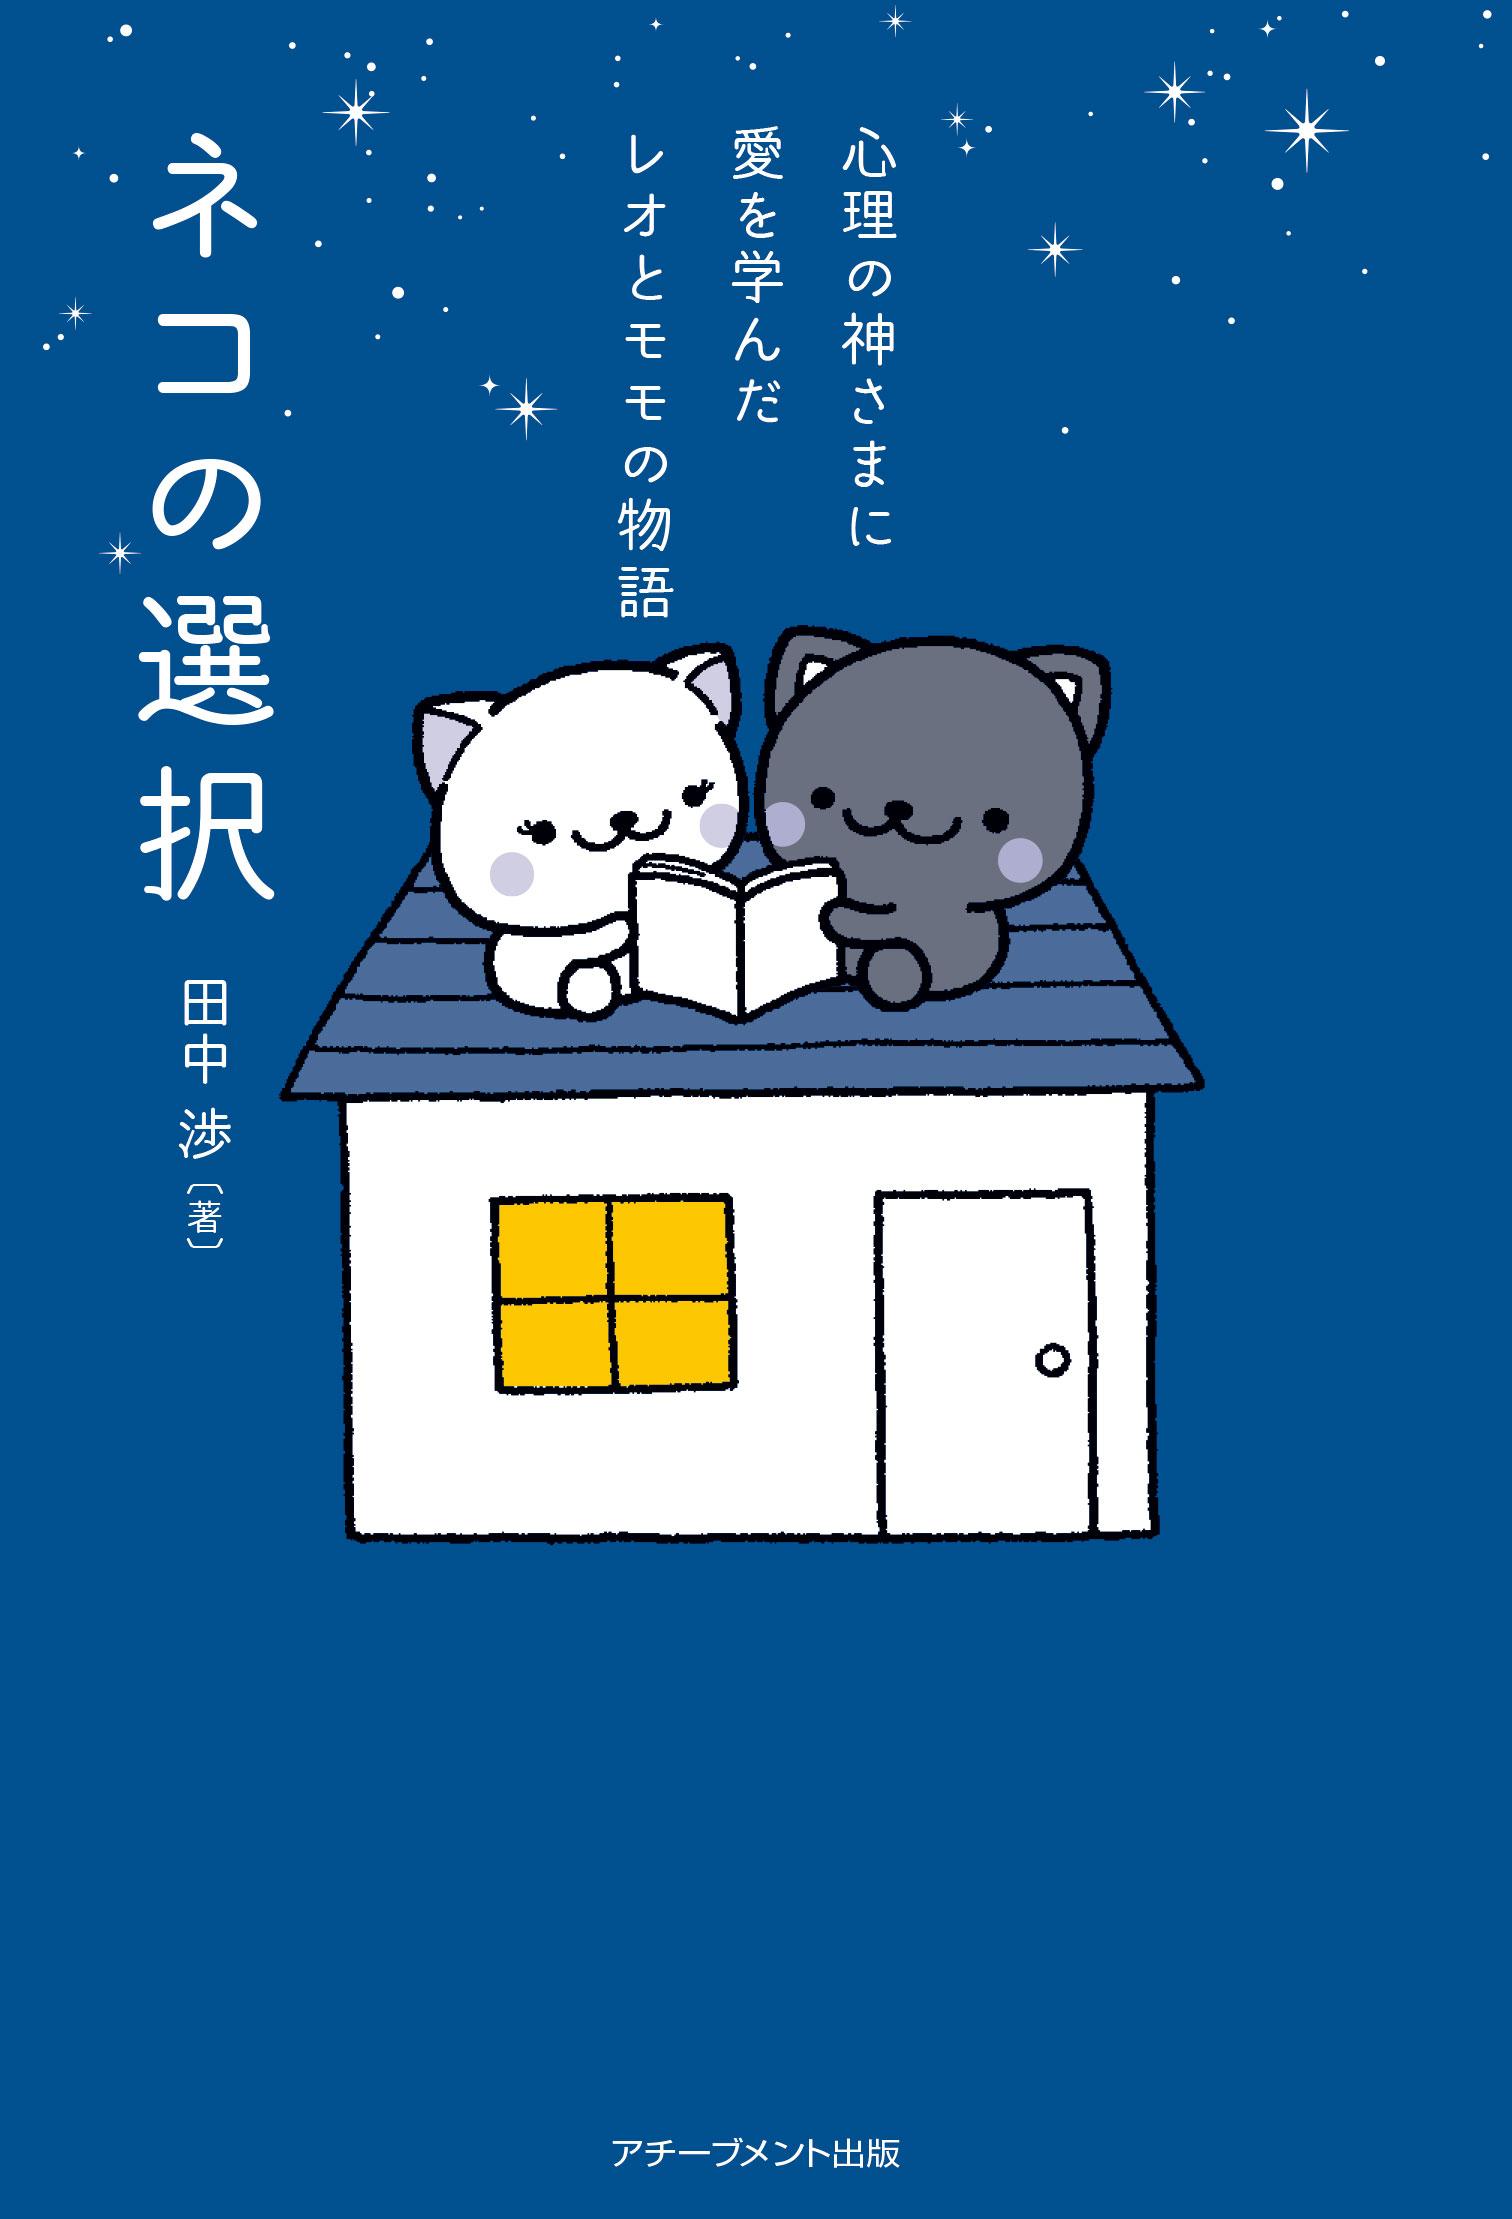 ネコの選択 ~心理の神さまに愛を学んだレオとモモの物語~の画像2